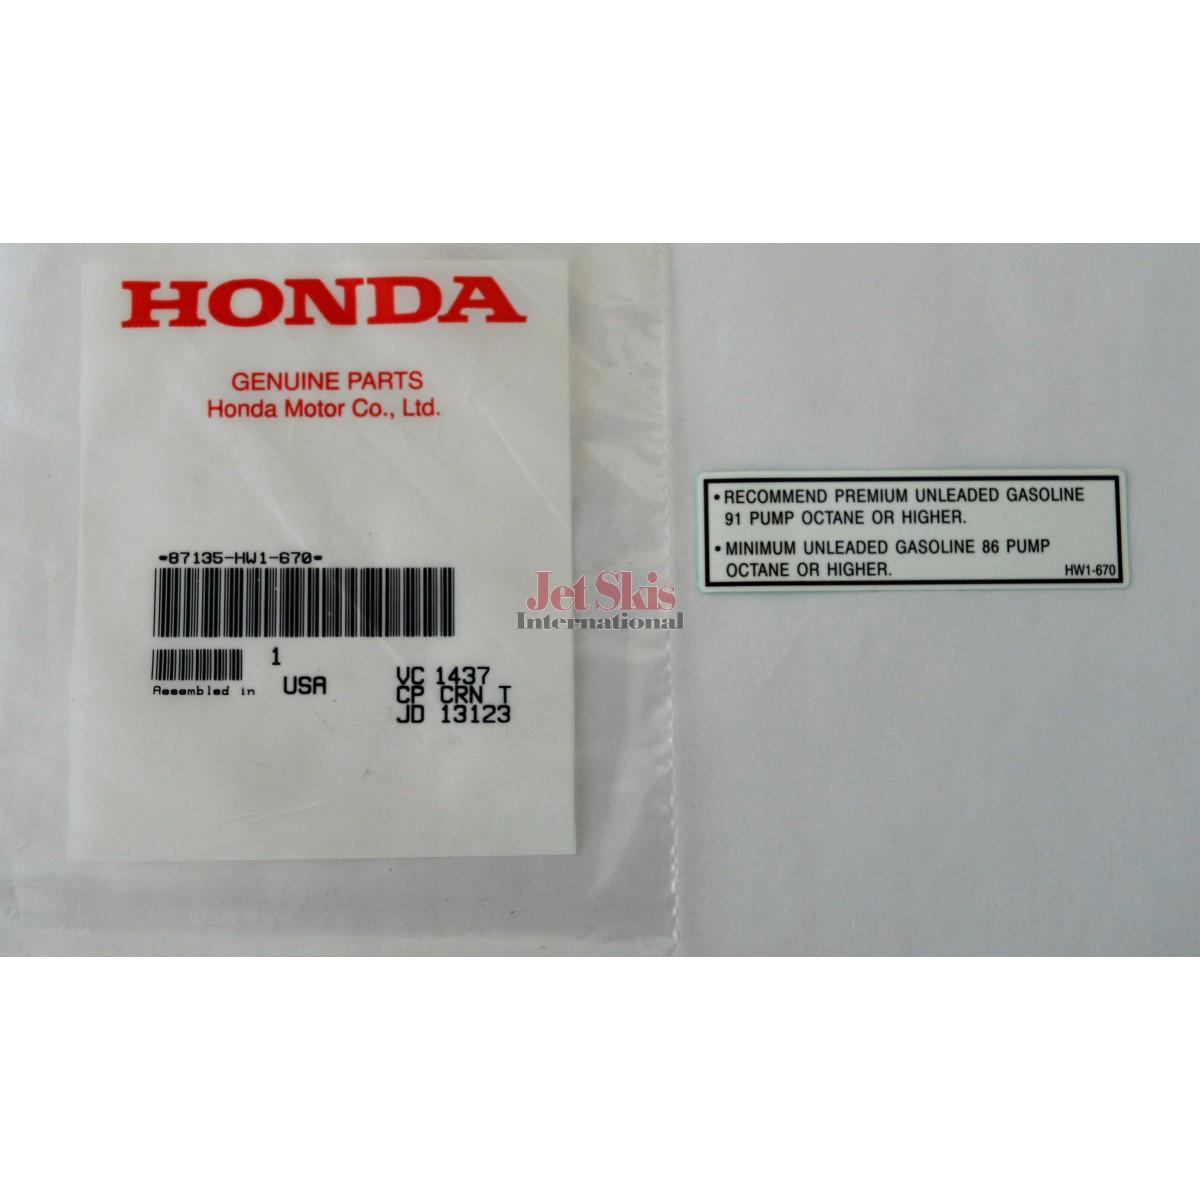 Honda Aquatrax Part 87135 Hw1 670 Fuel Caution Label